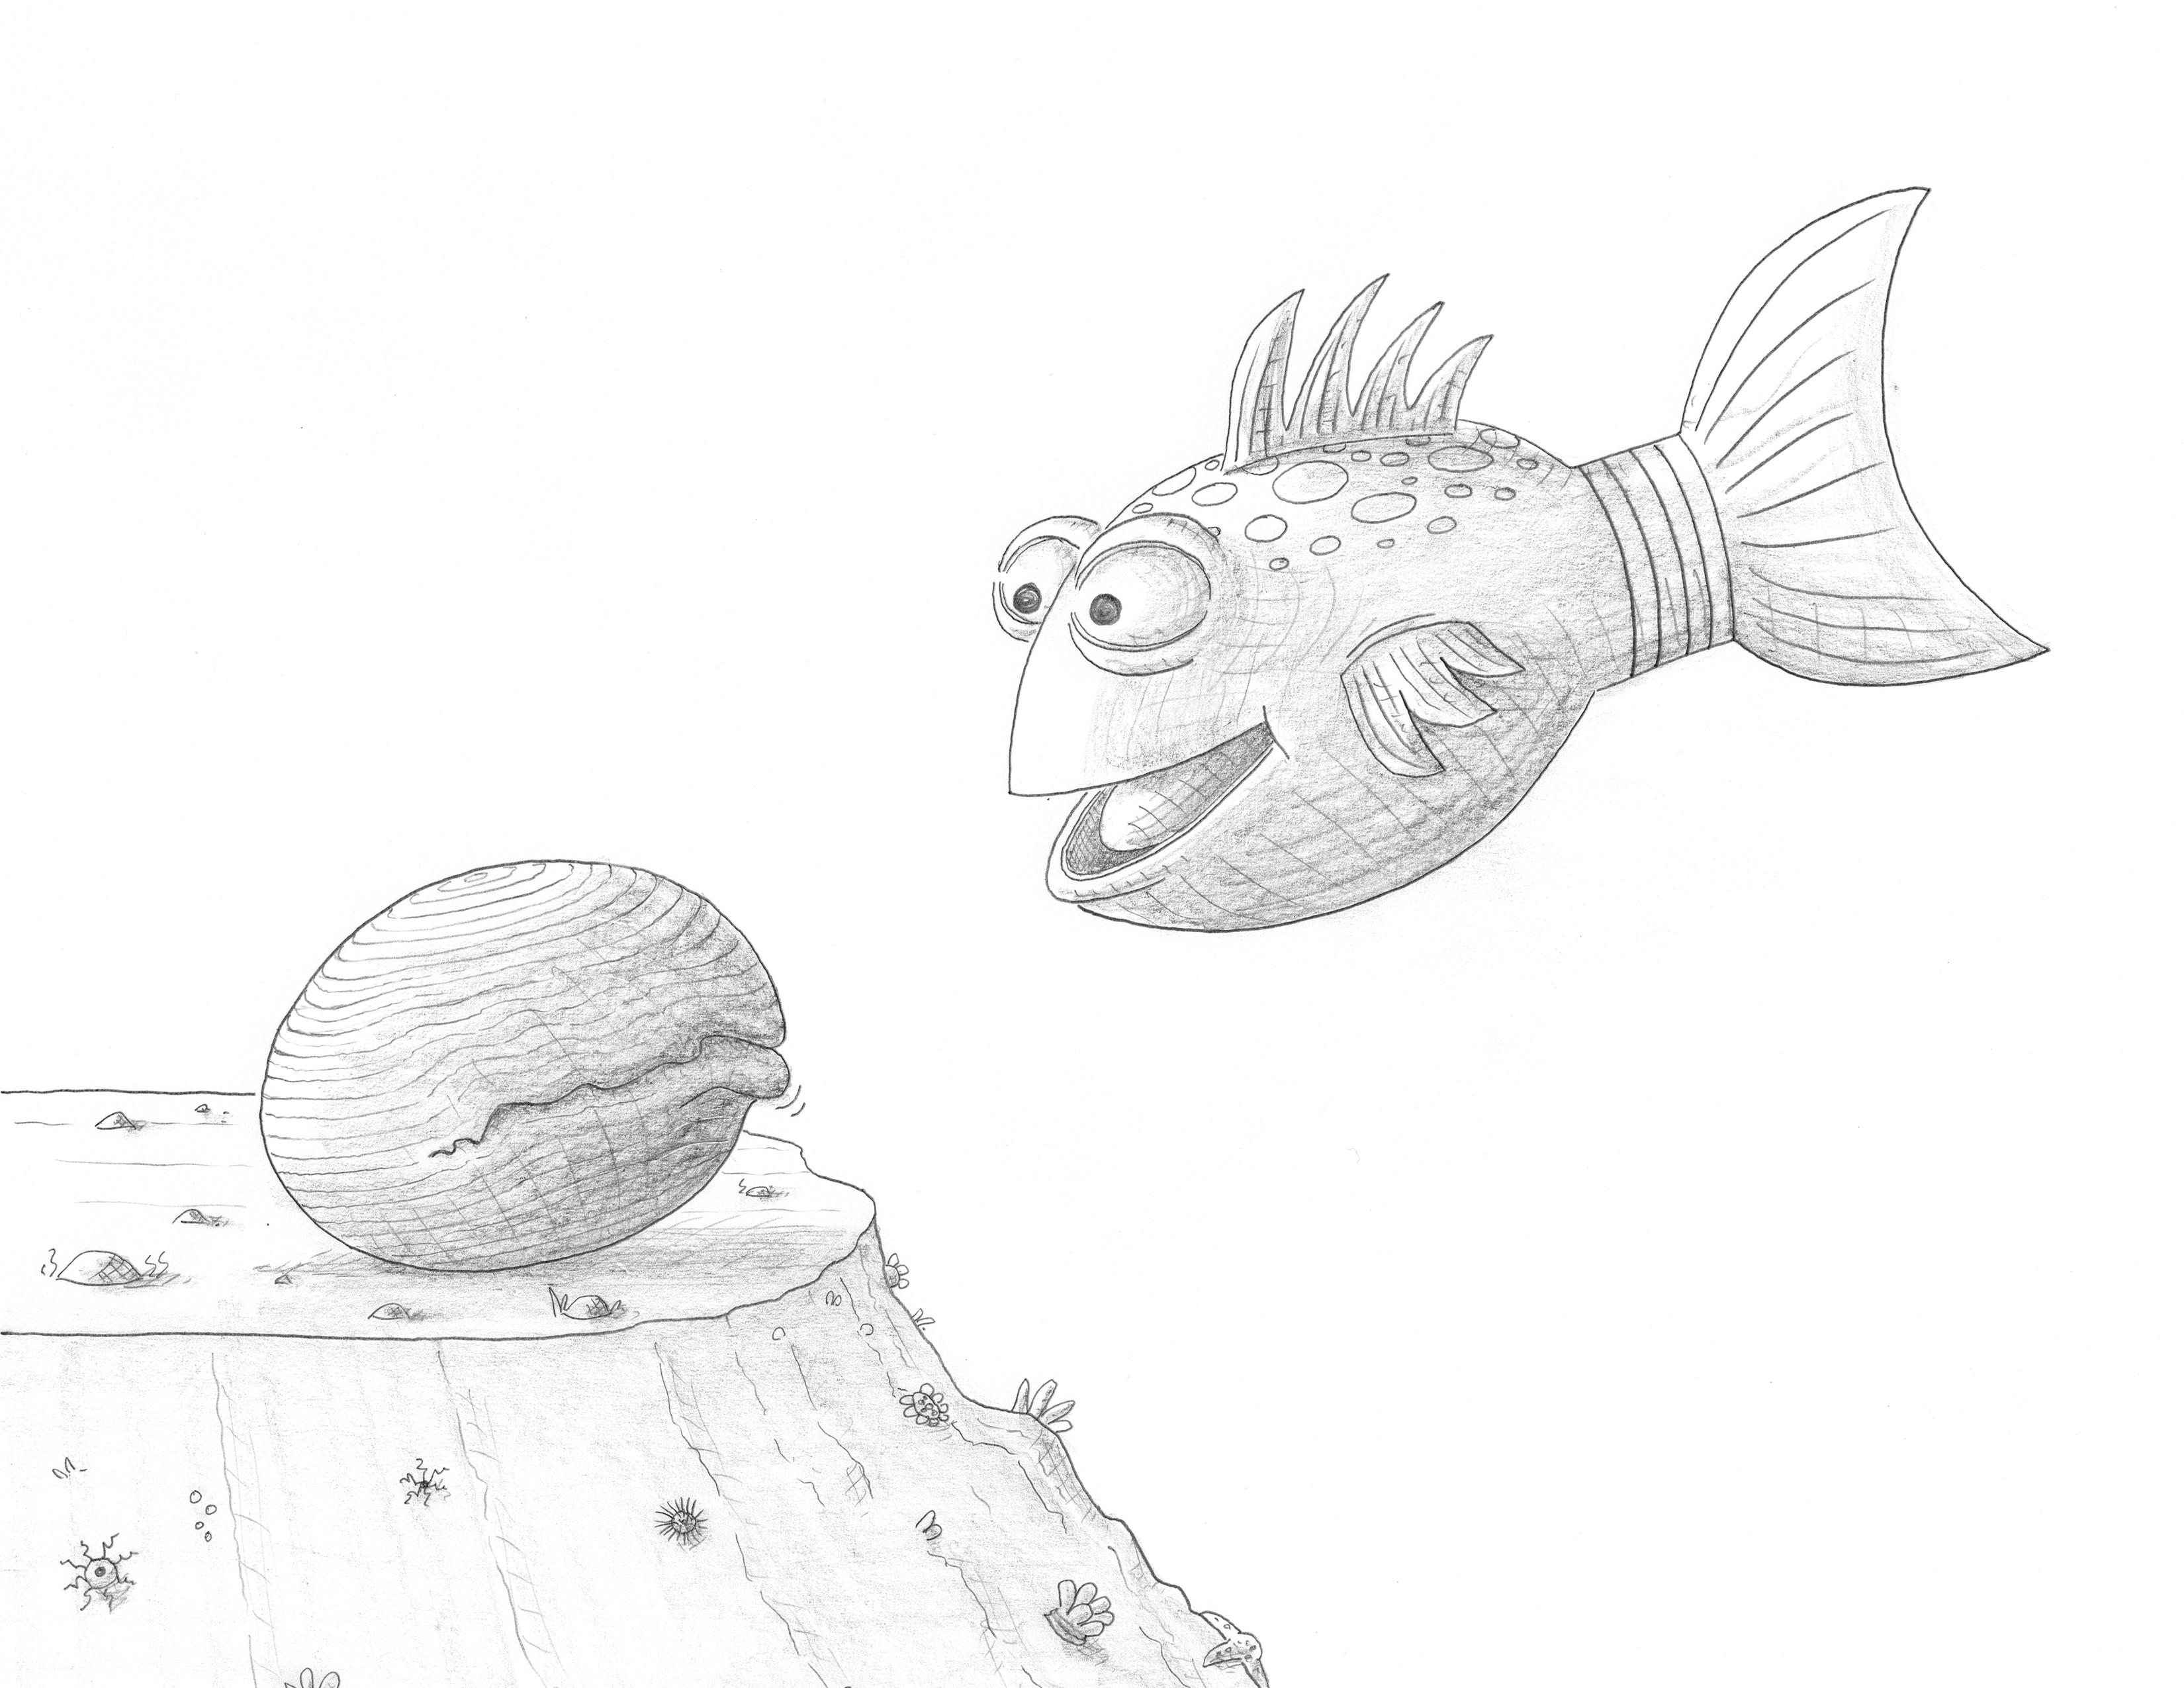 The Pout Pout Fish Color It Yourself Images